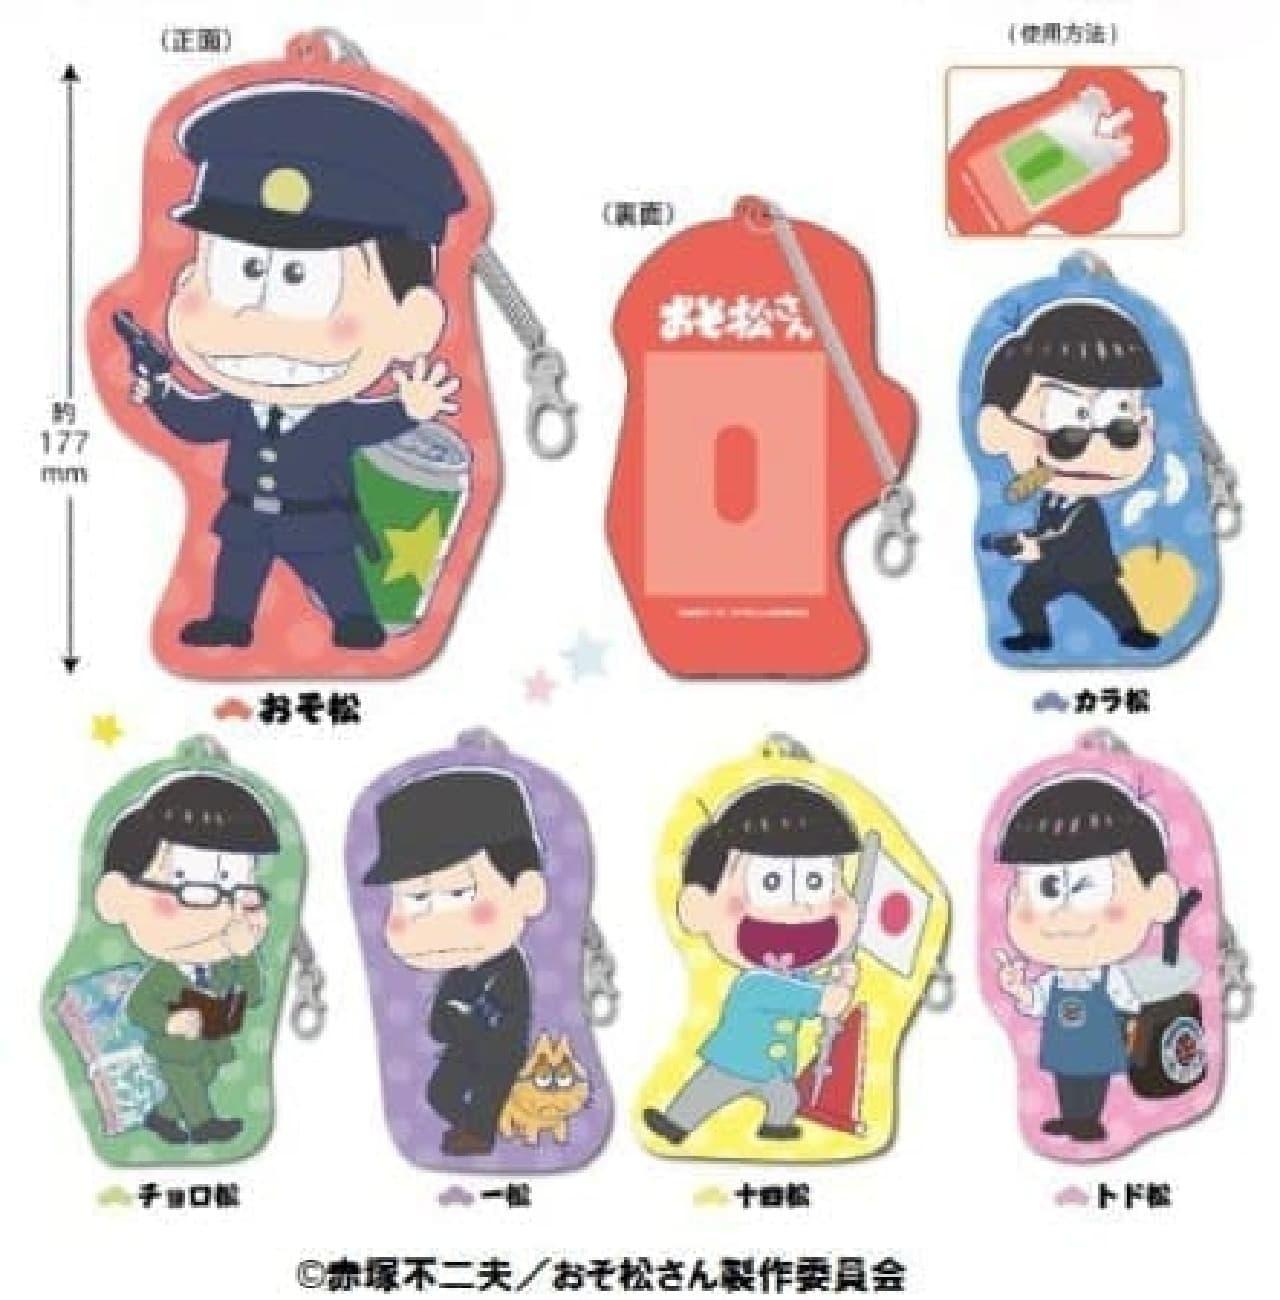 「おそ松さん ダイカットパスケース」全6種